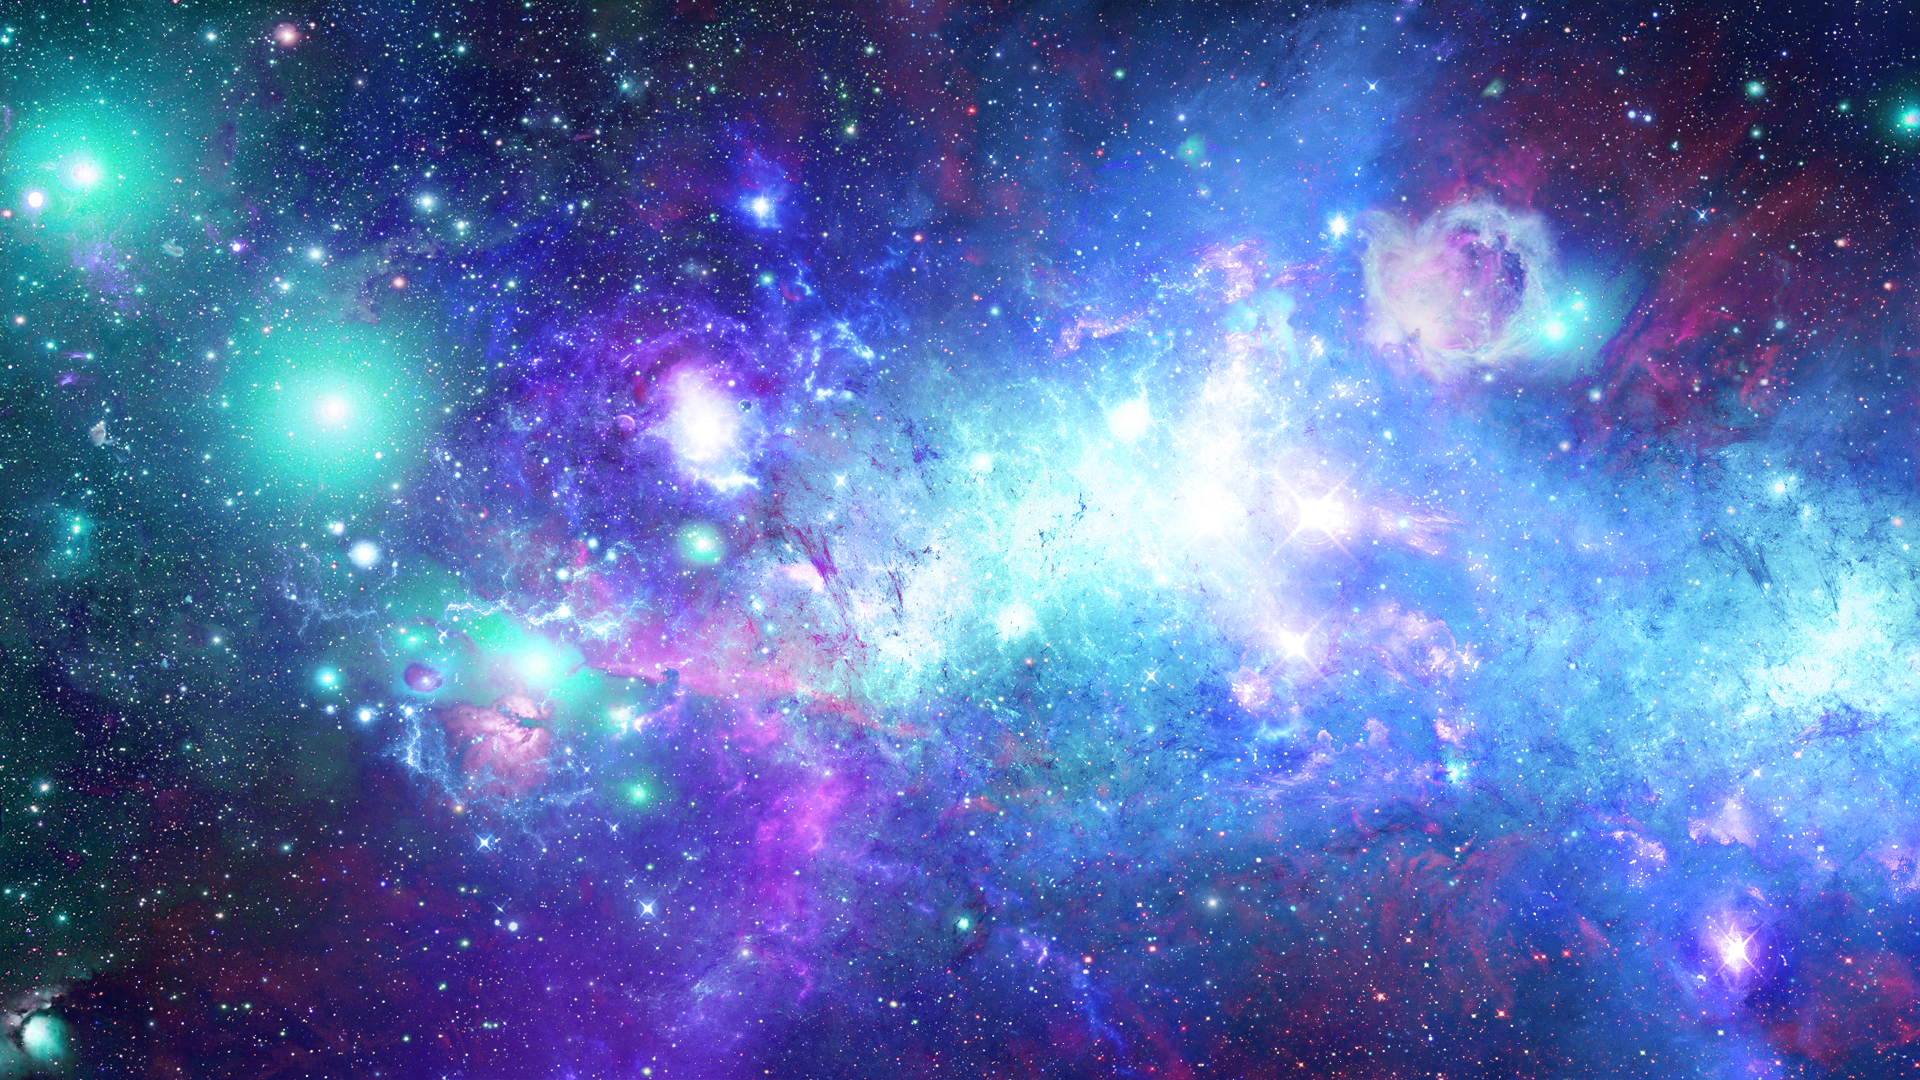 картинки космос скачать